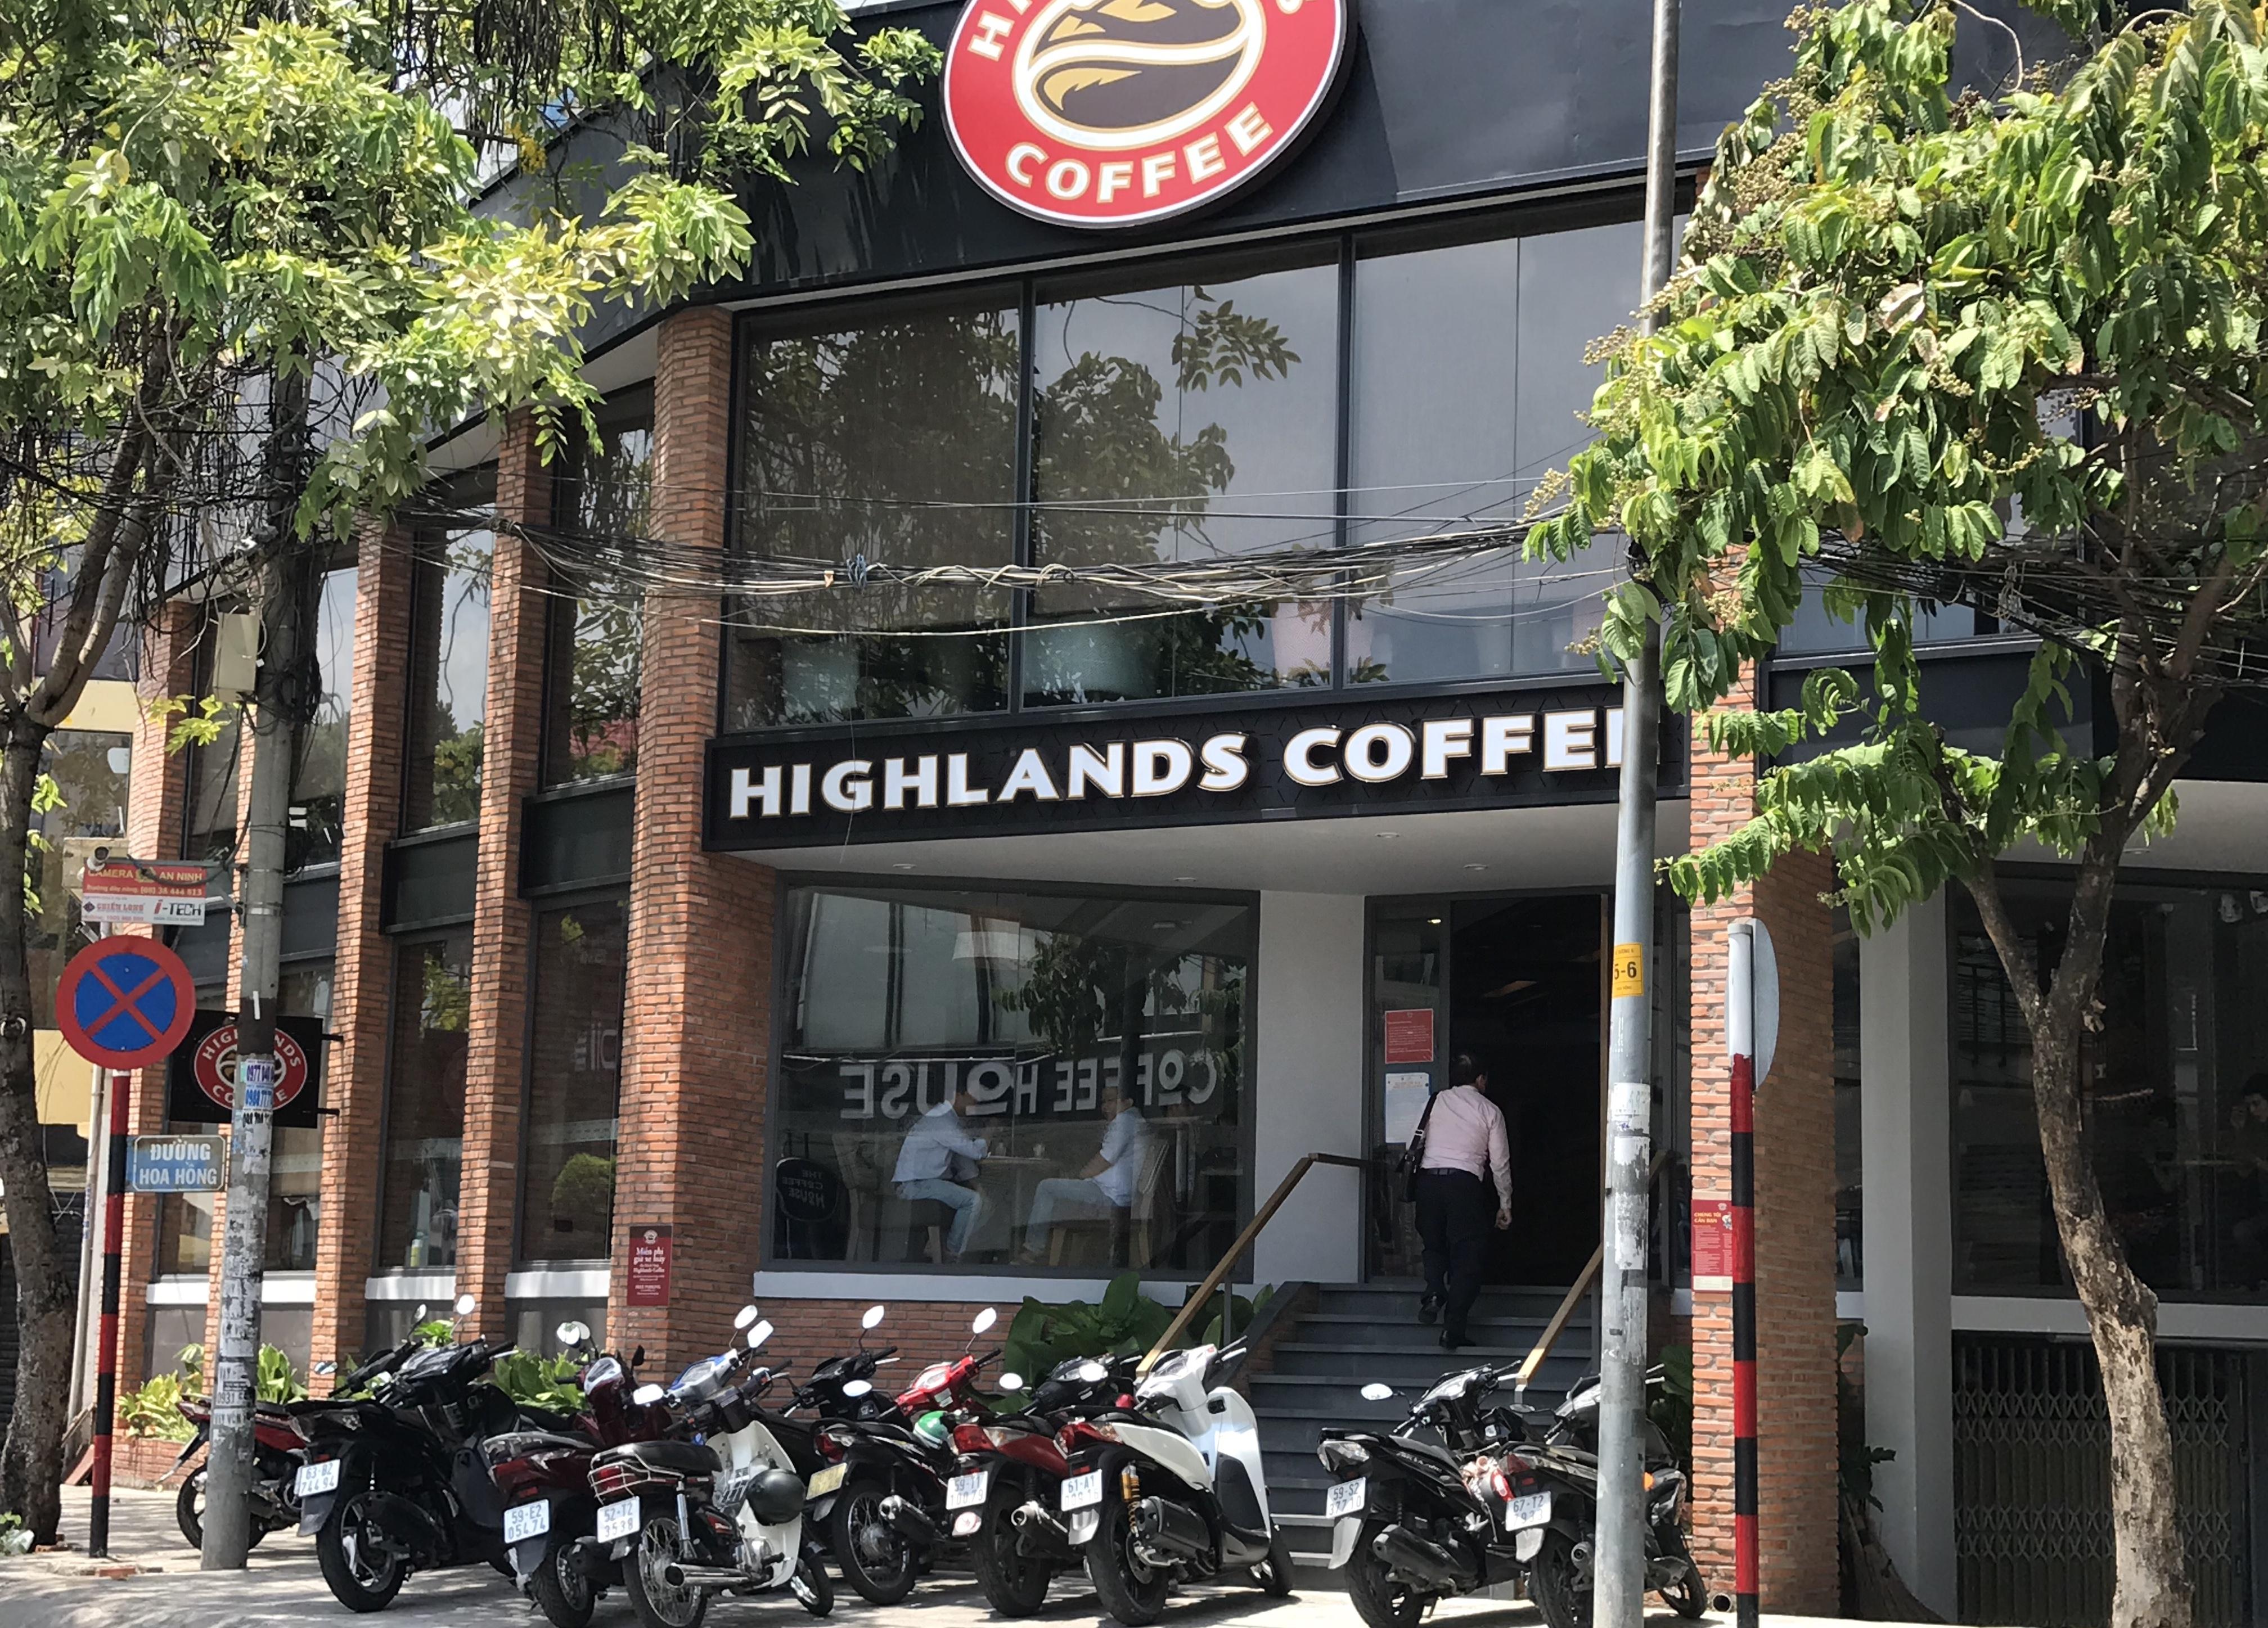 'Cuộc chiến' chuỗi cà phê của Highlands Coffee, Trung Nguyên, The Coffee House… đang khốc liệt ra sao? - Ảnh 5.